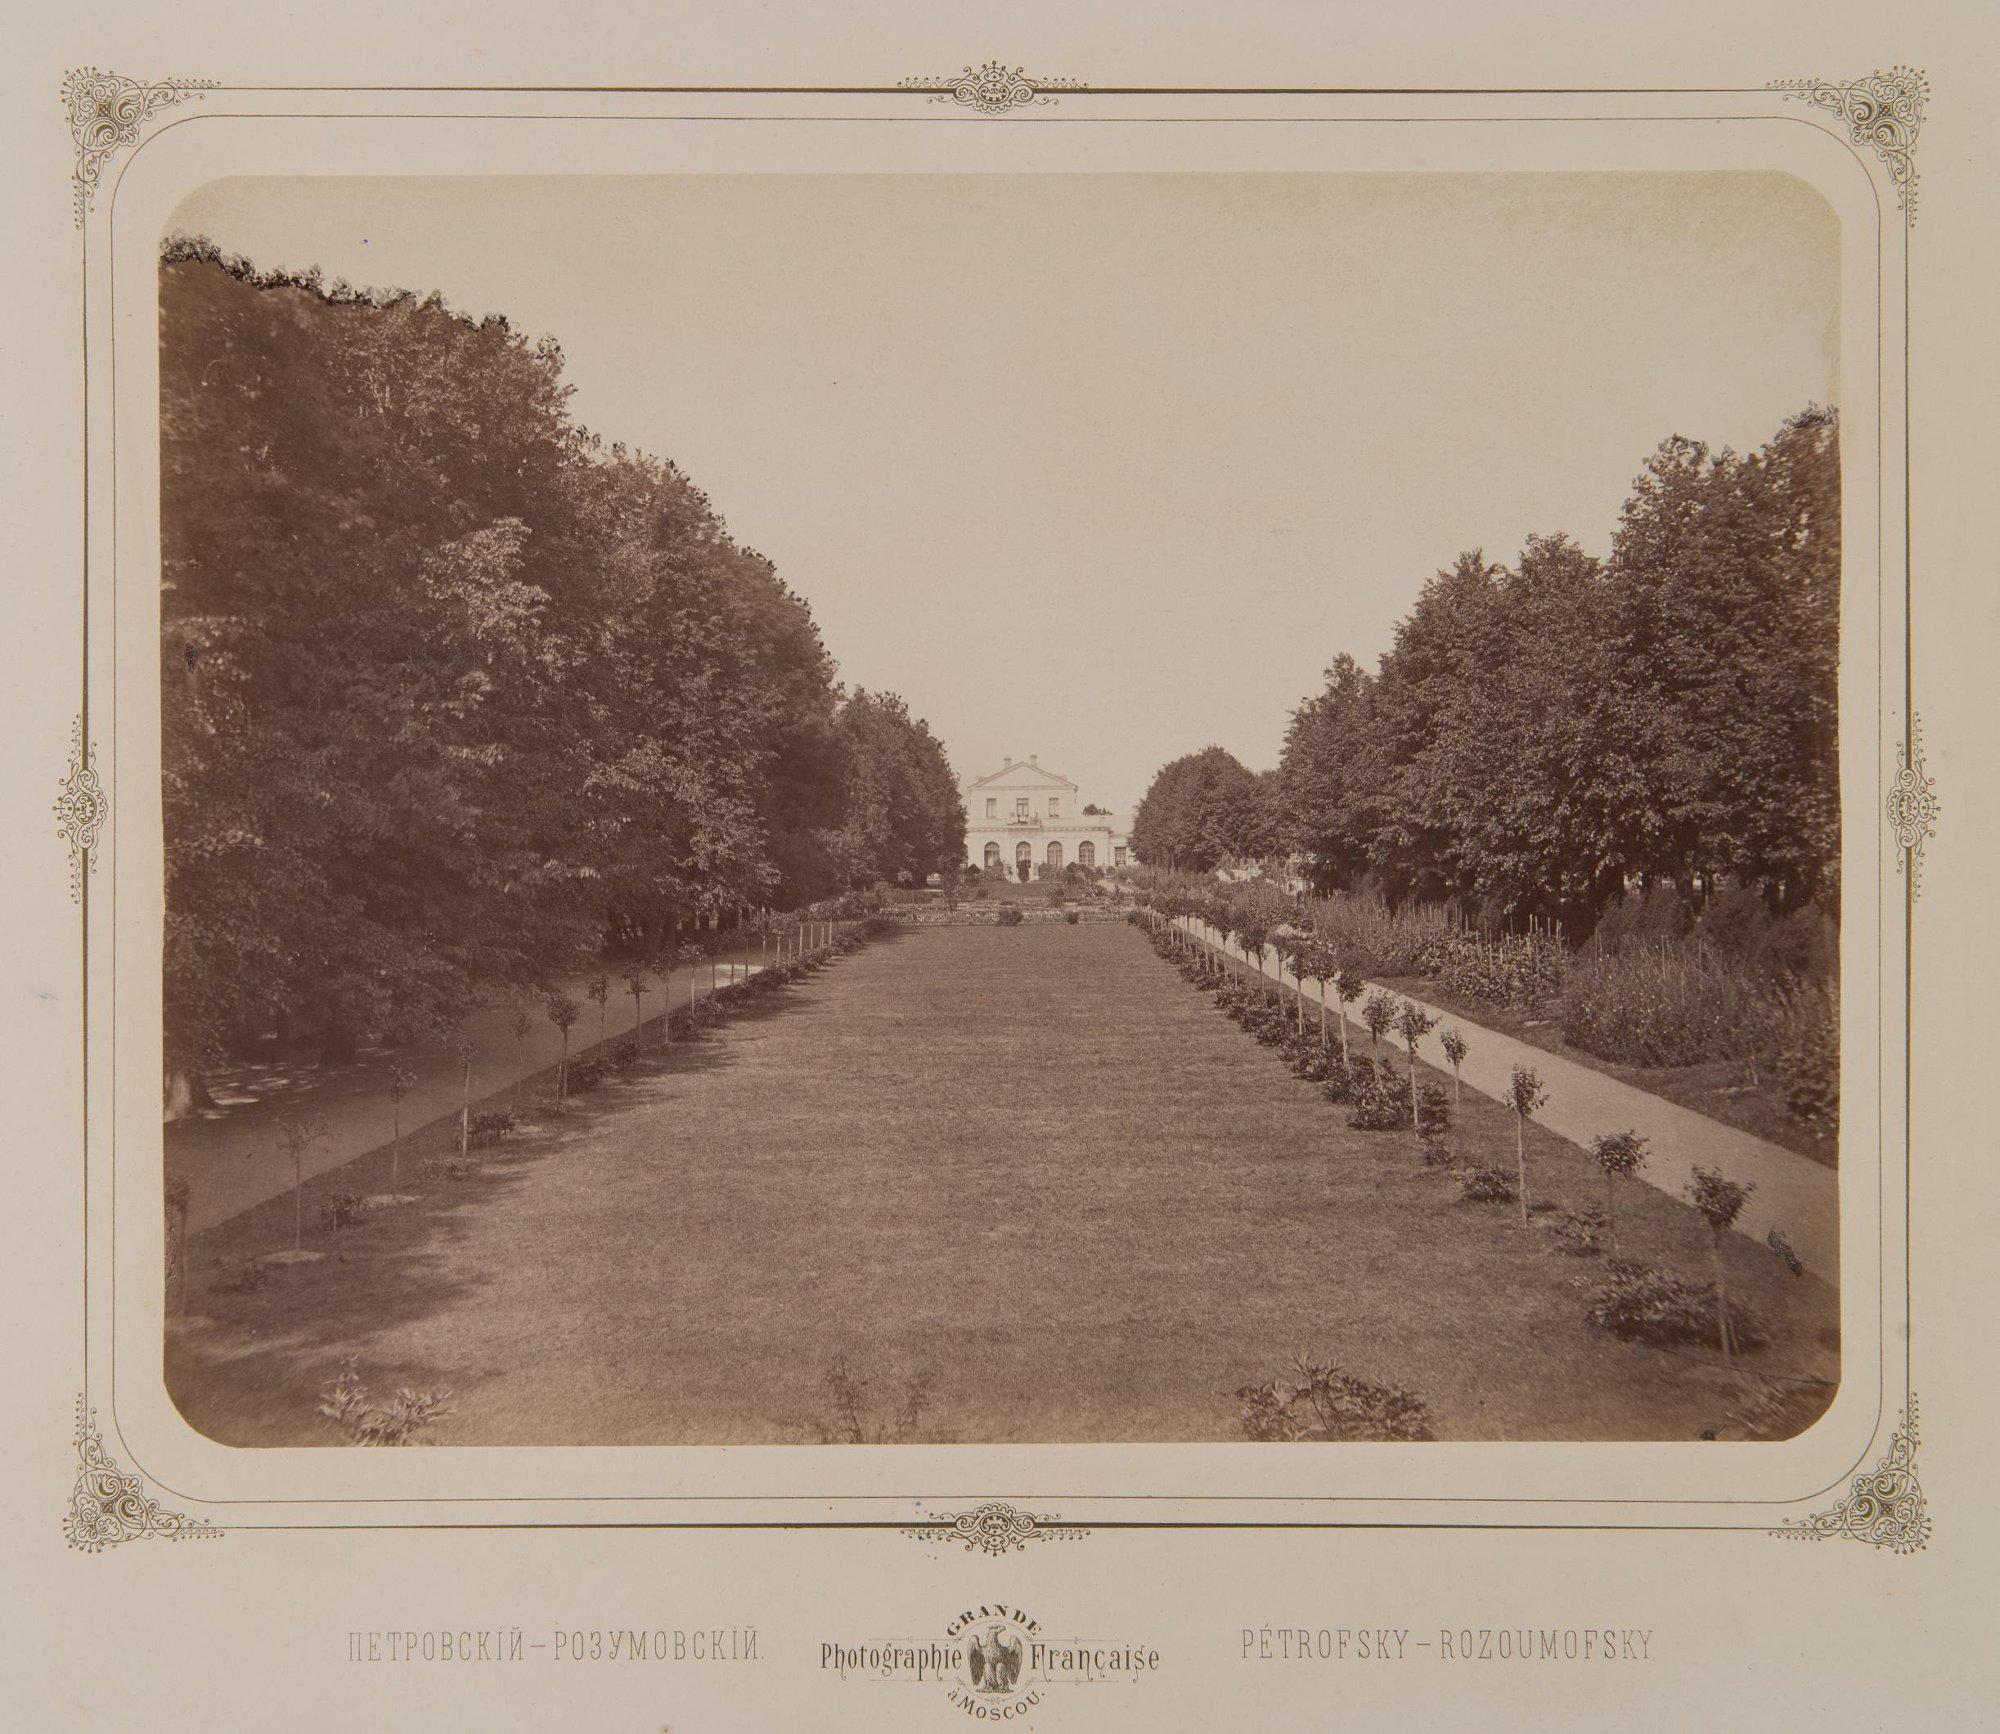 1870-е. Петровско-Разумовское, парковая аллея. ведущая к оранжире